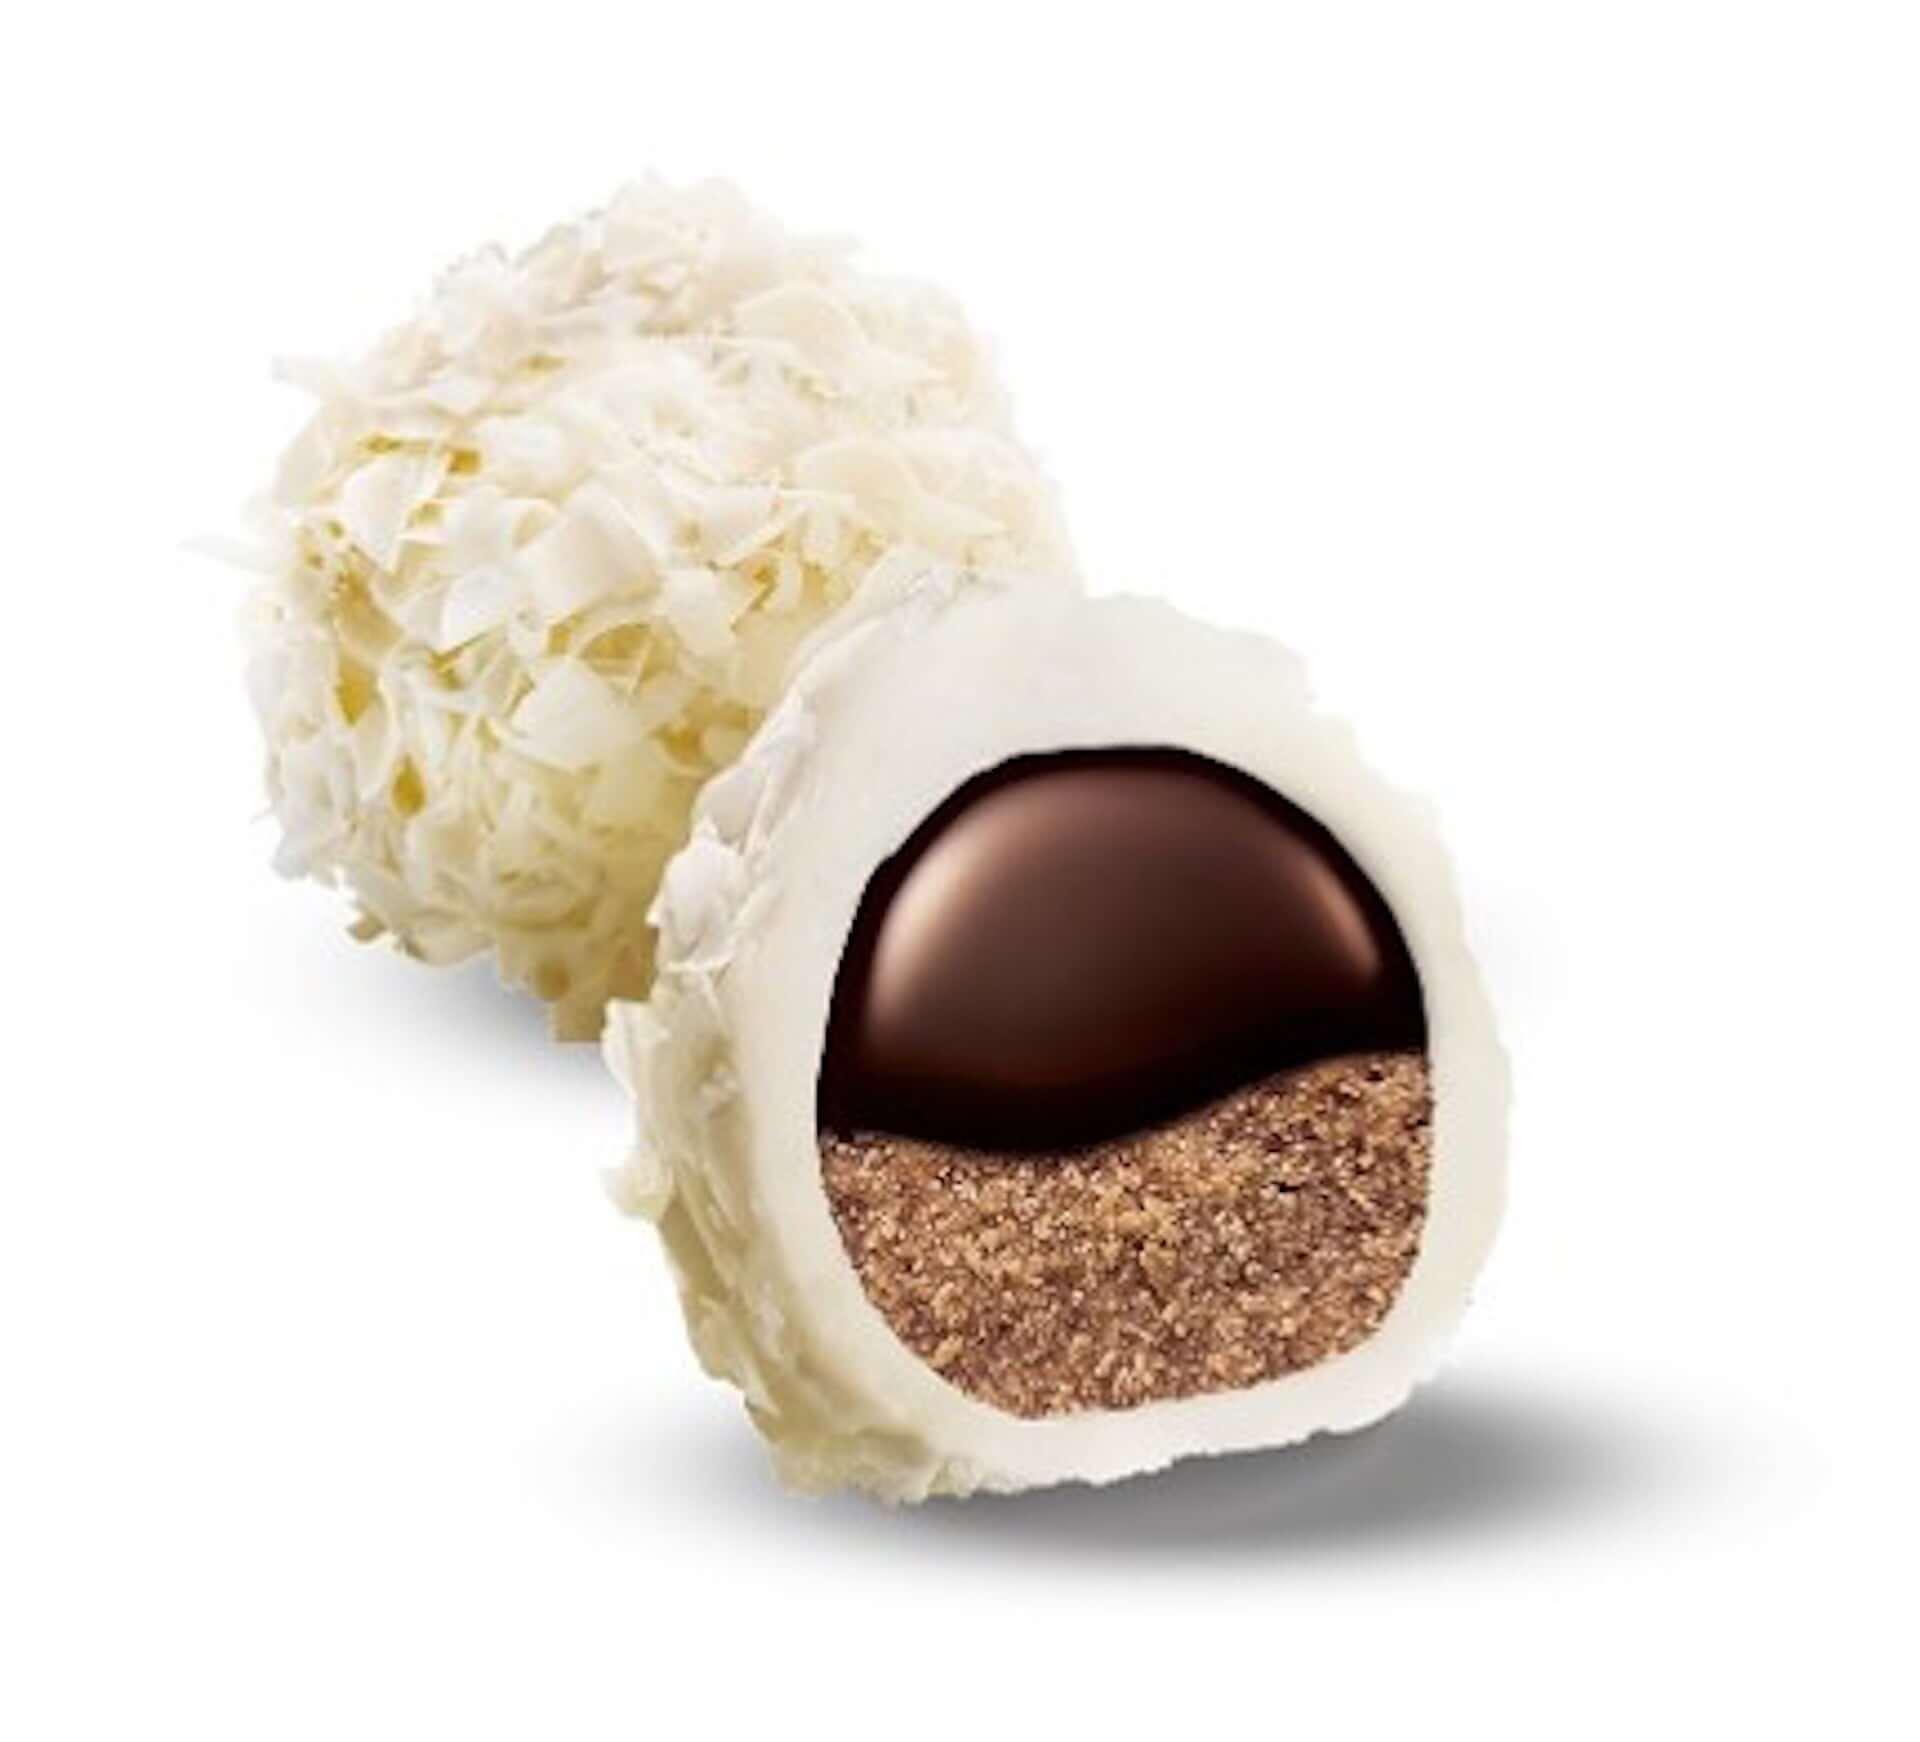 ハーゲンダッツから3種のチョコレートを使用したミニカップ『ショコラトリュフ』が登場!アイスクリーム詰め合わせが当たるキャンペーンも実施 gourmet201116_haagen-dazs_9-1920x1742